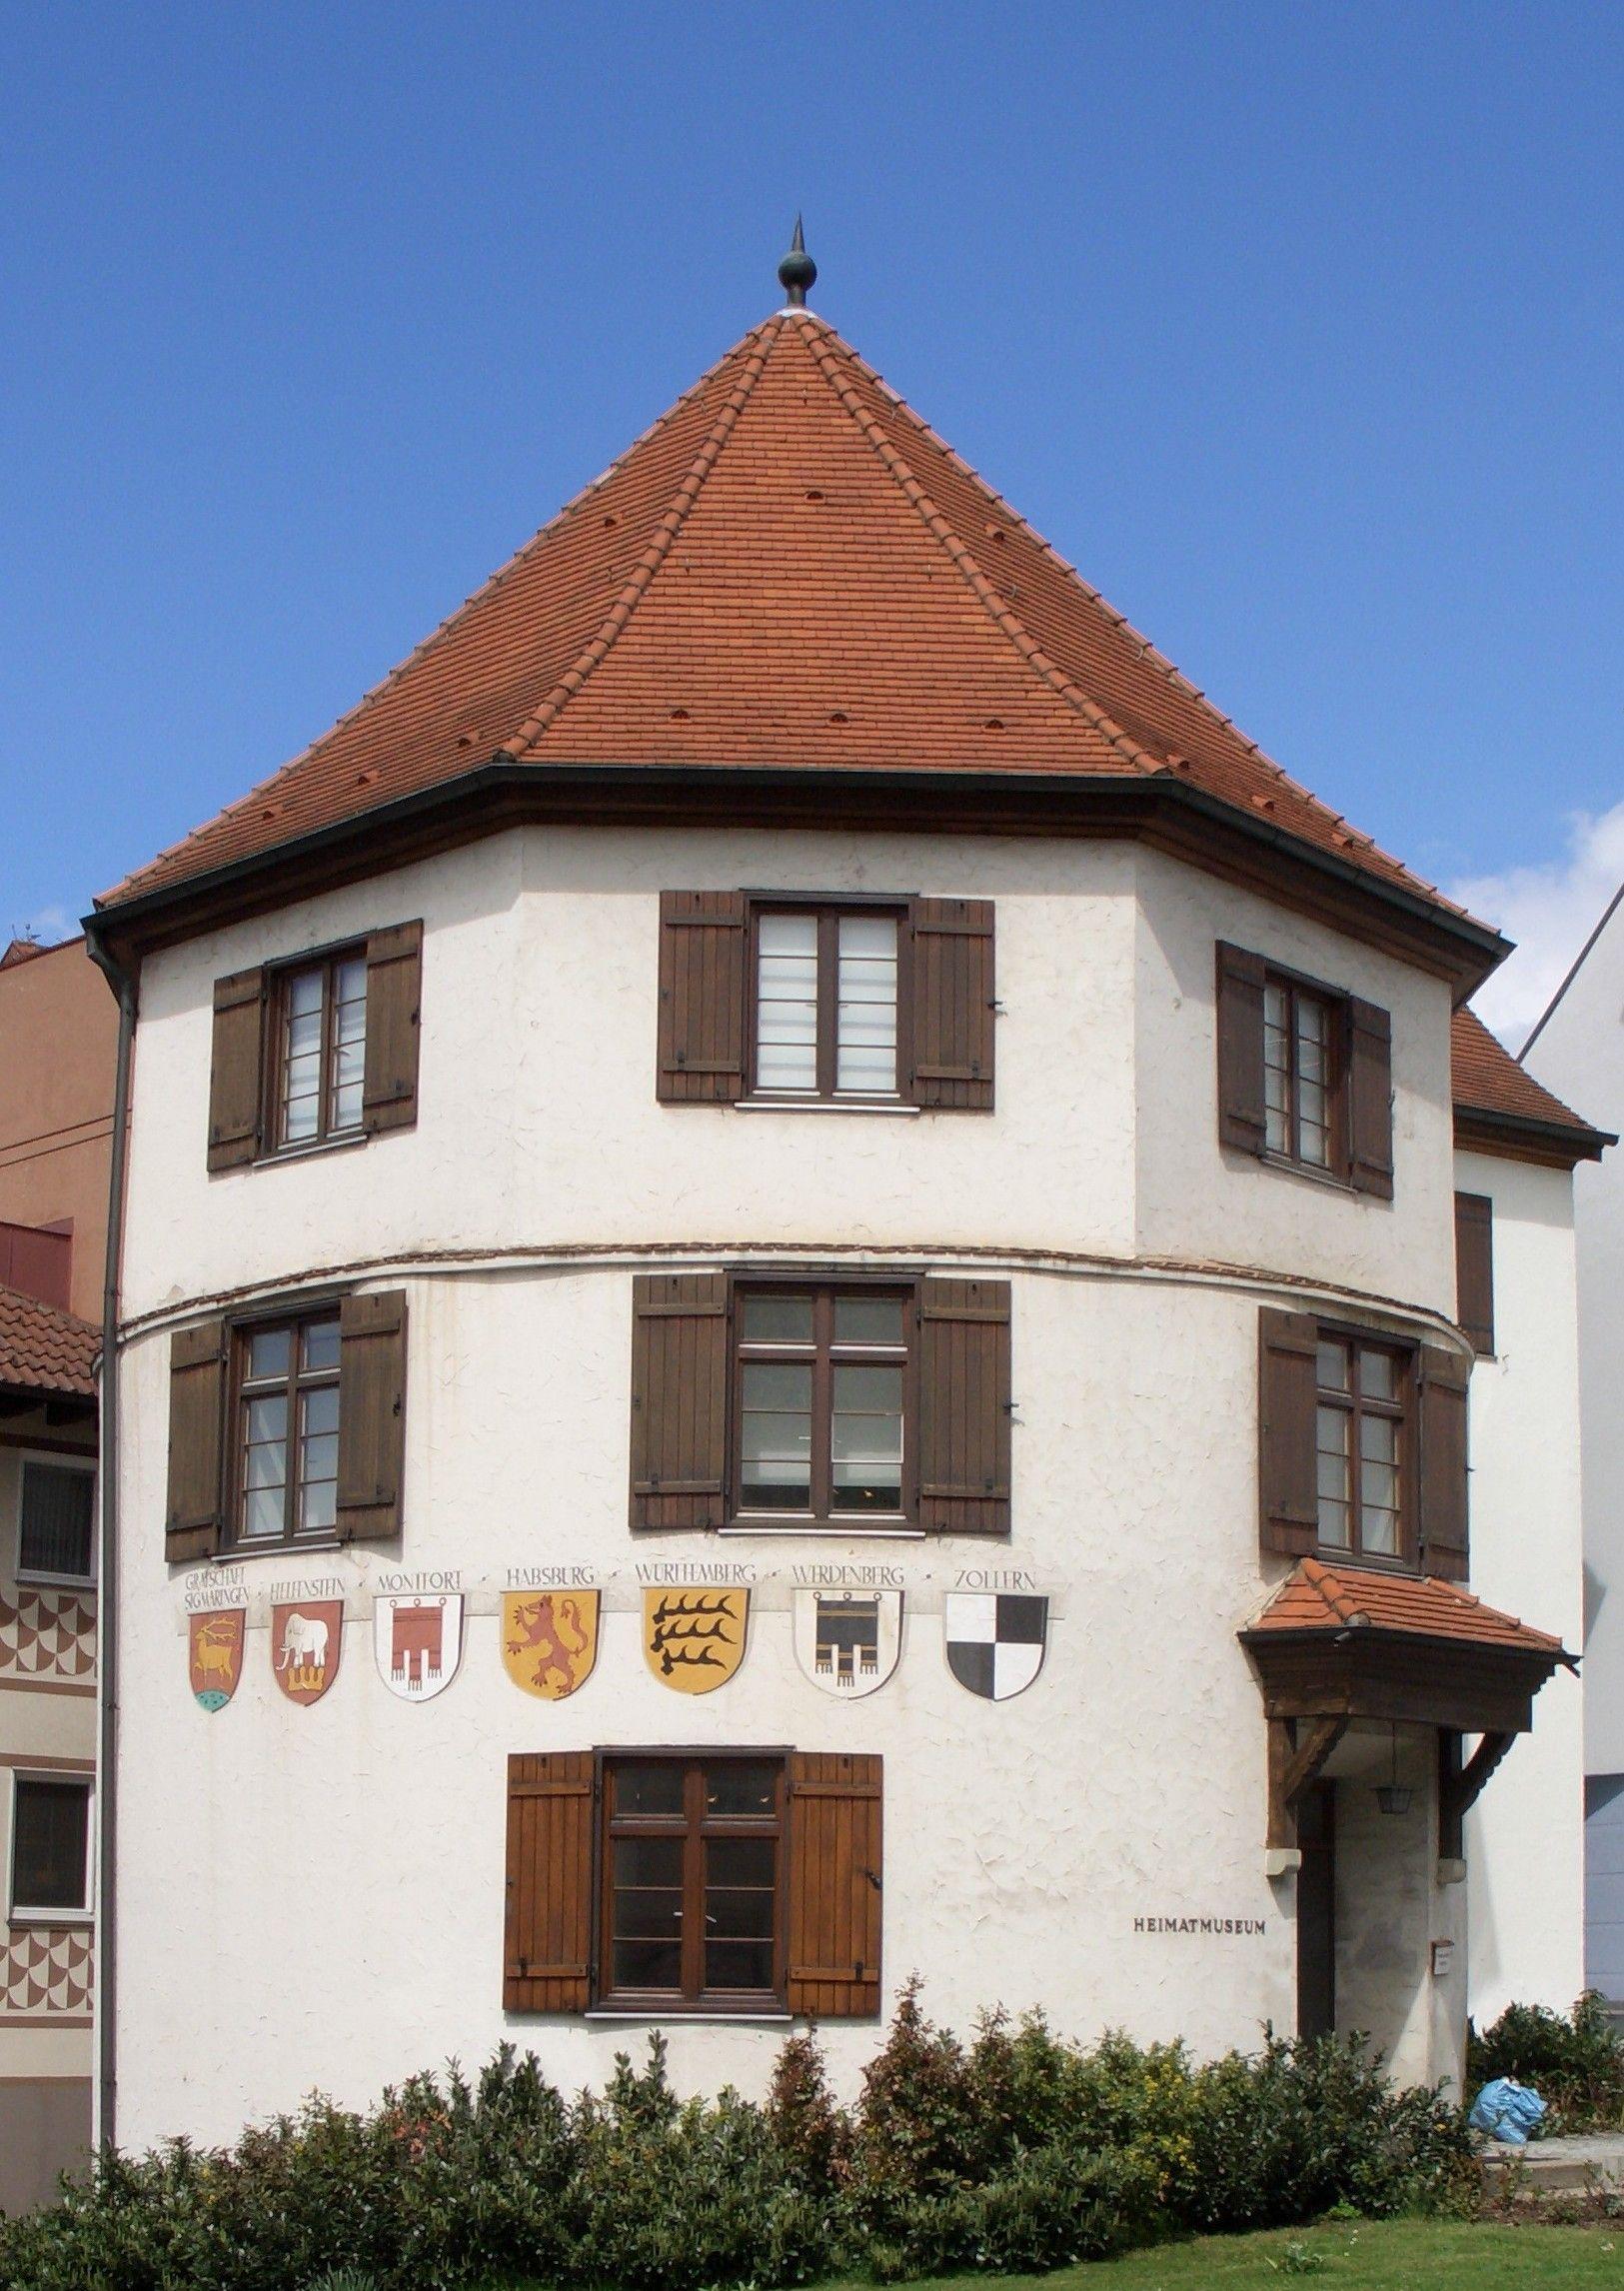 Der Runde Turm mit Wappenschildern der Besitzer von Schloss und Stadt Sigmaringen.